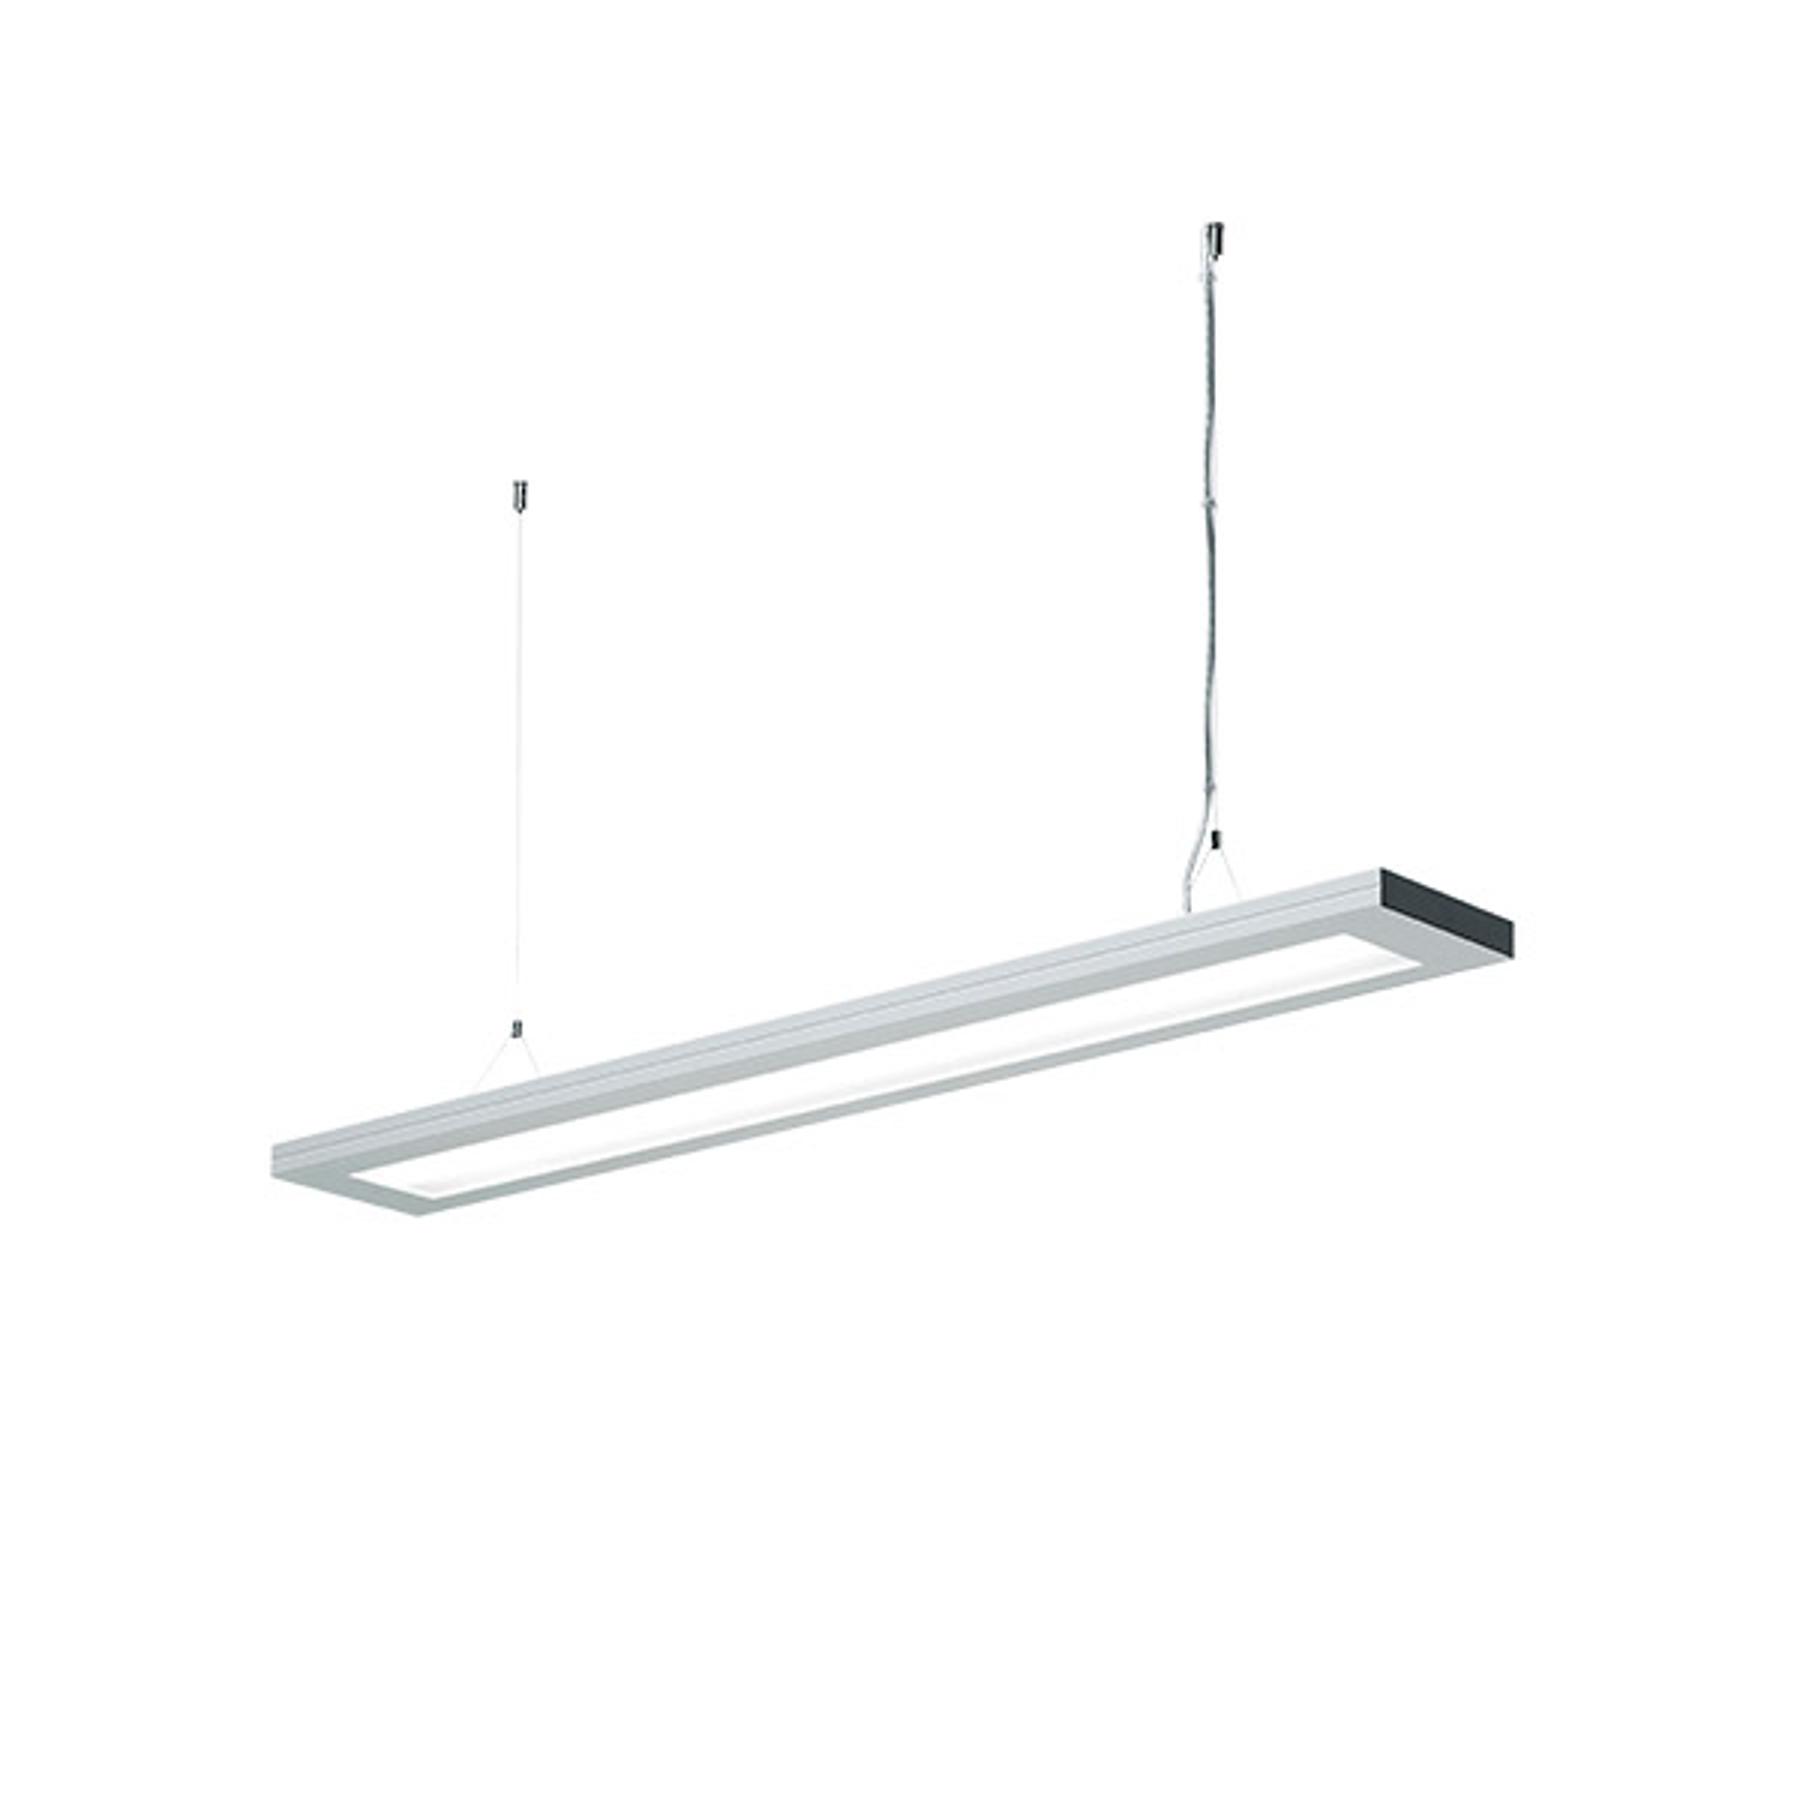 LED hanglamp Lavigo DPP 16000/840/D EVG zilver